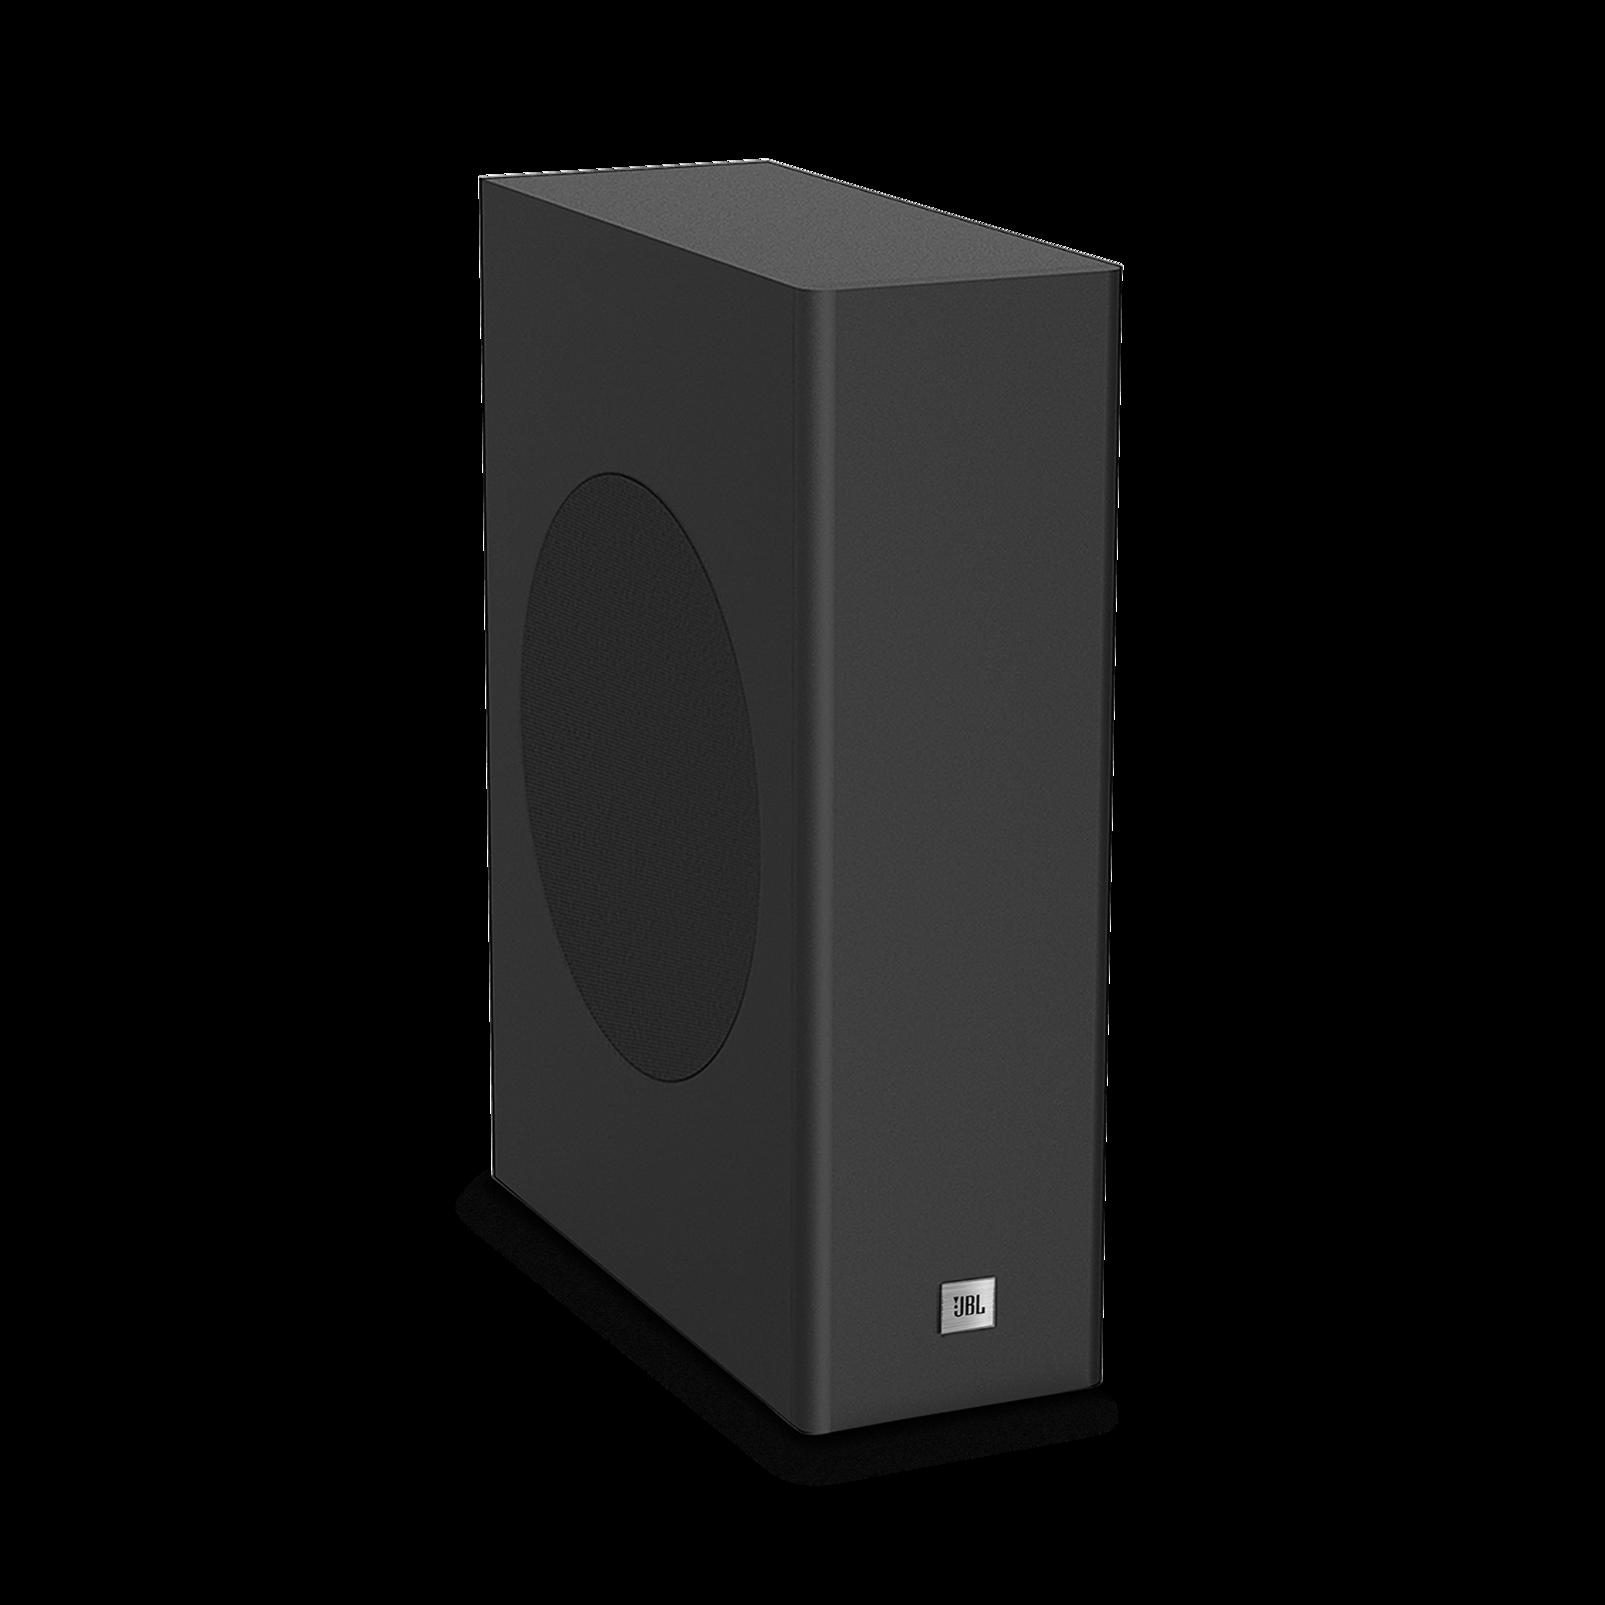 Cinema Sb150 Compact 150w Home Soundbar With Wireless Sony Tv Audio Wiring